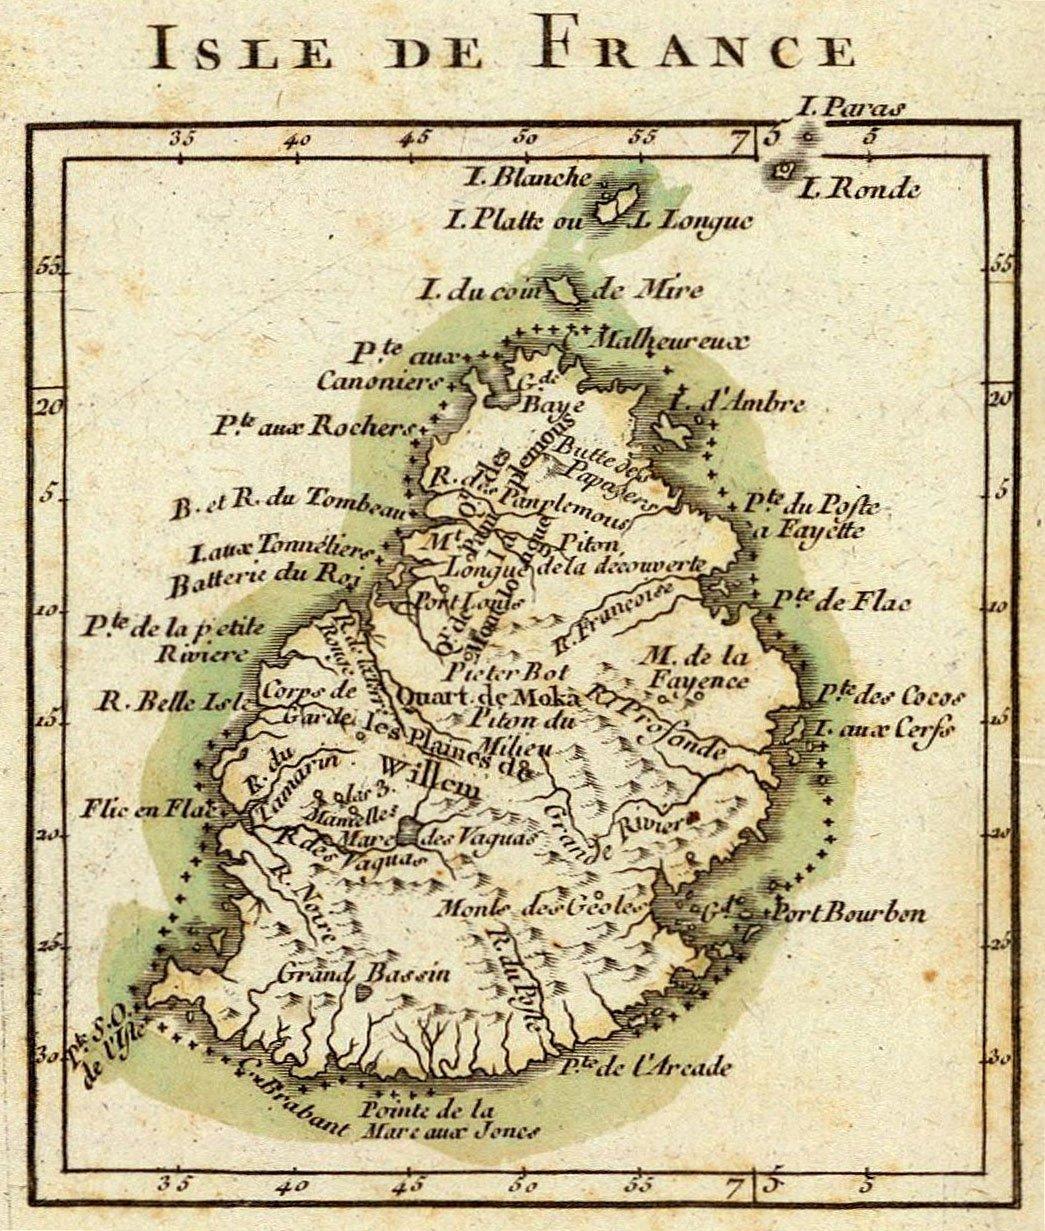 Mauritius-Bonne_-_Isle_de_France_Detail